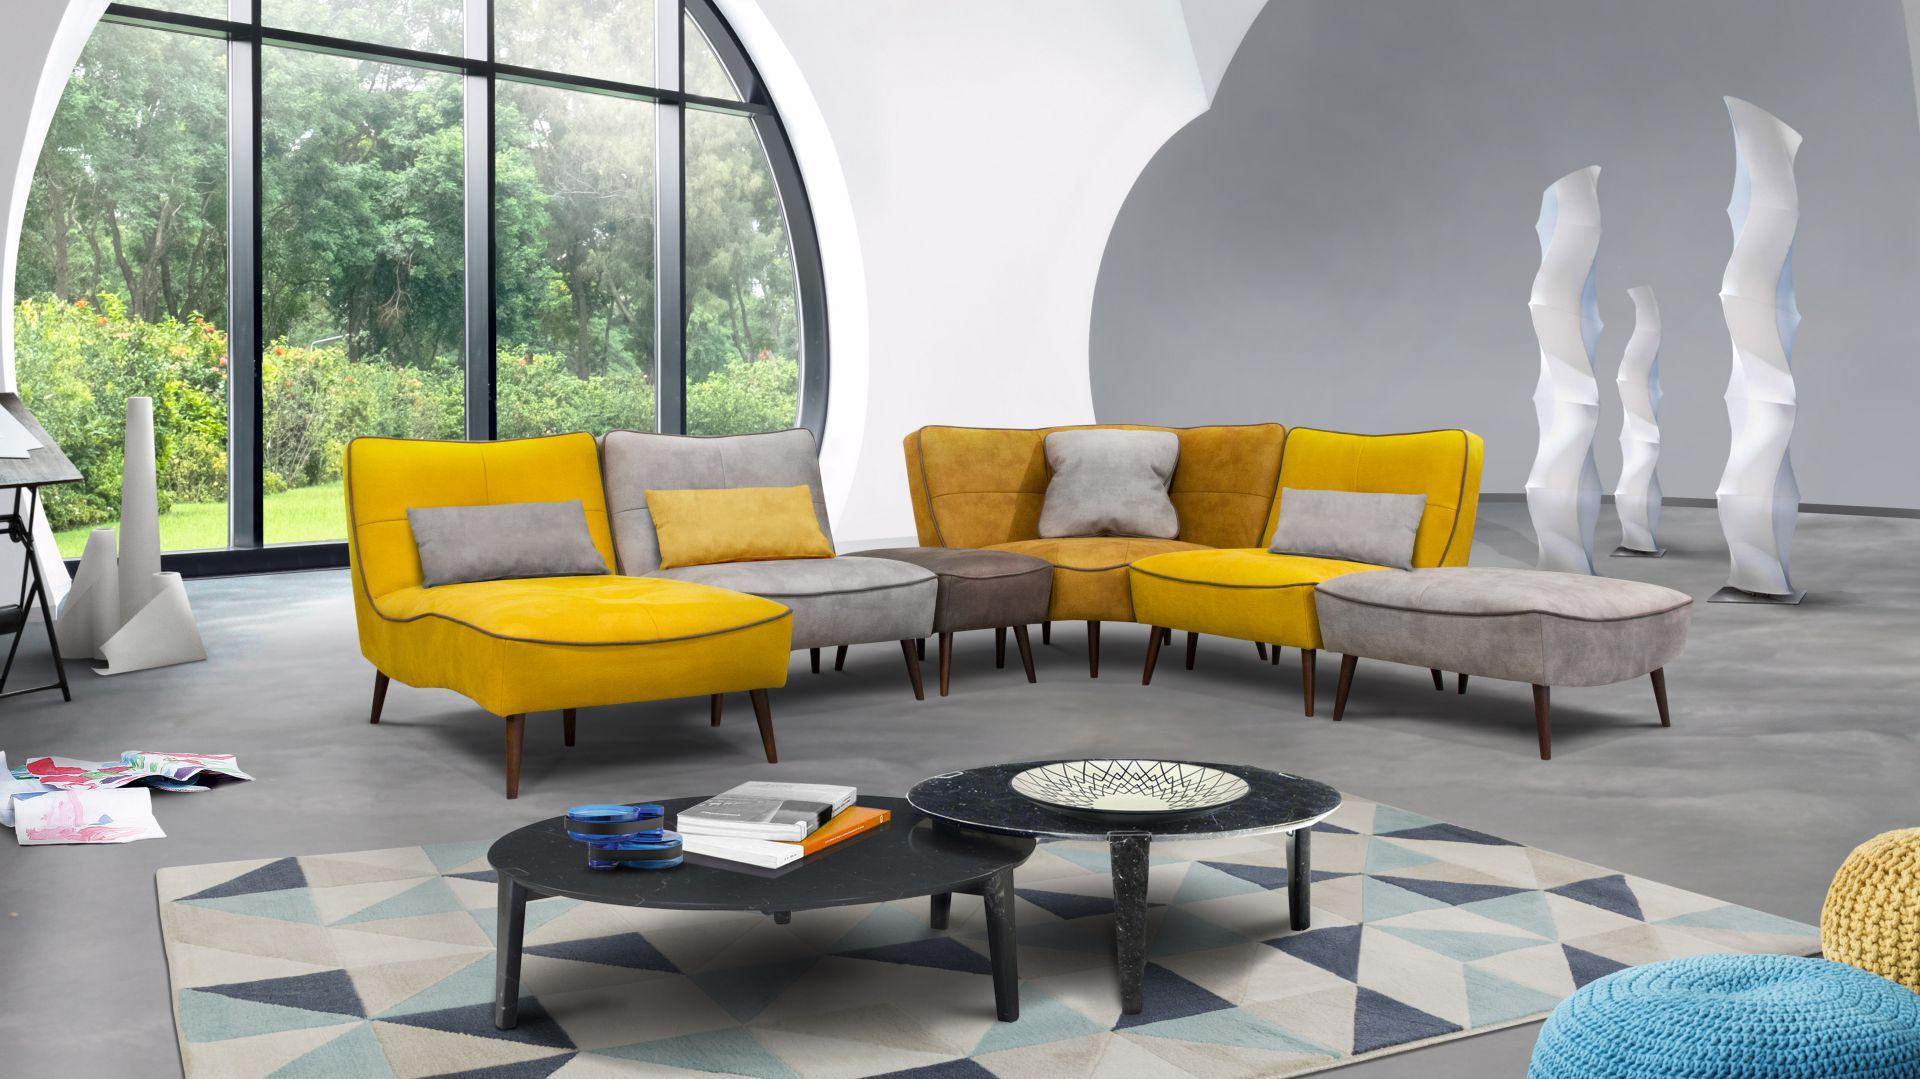 Kolekcja Modena/Poldem. Produkt zgłoszony do konkursu Dobry Design 2018.